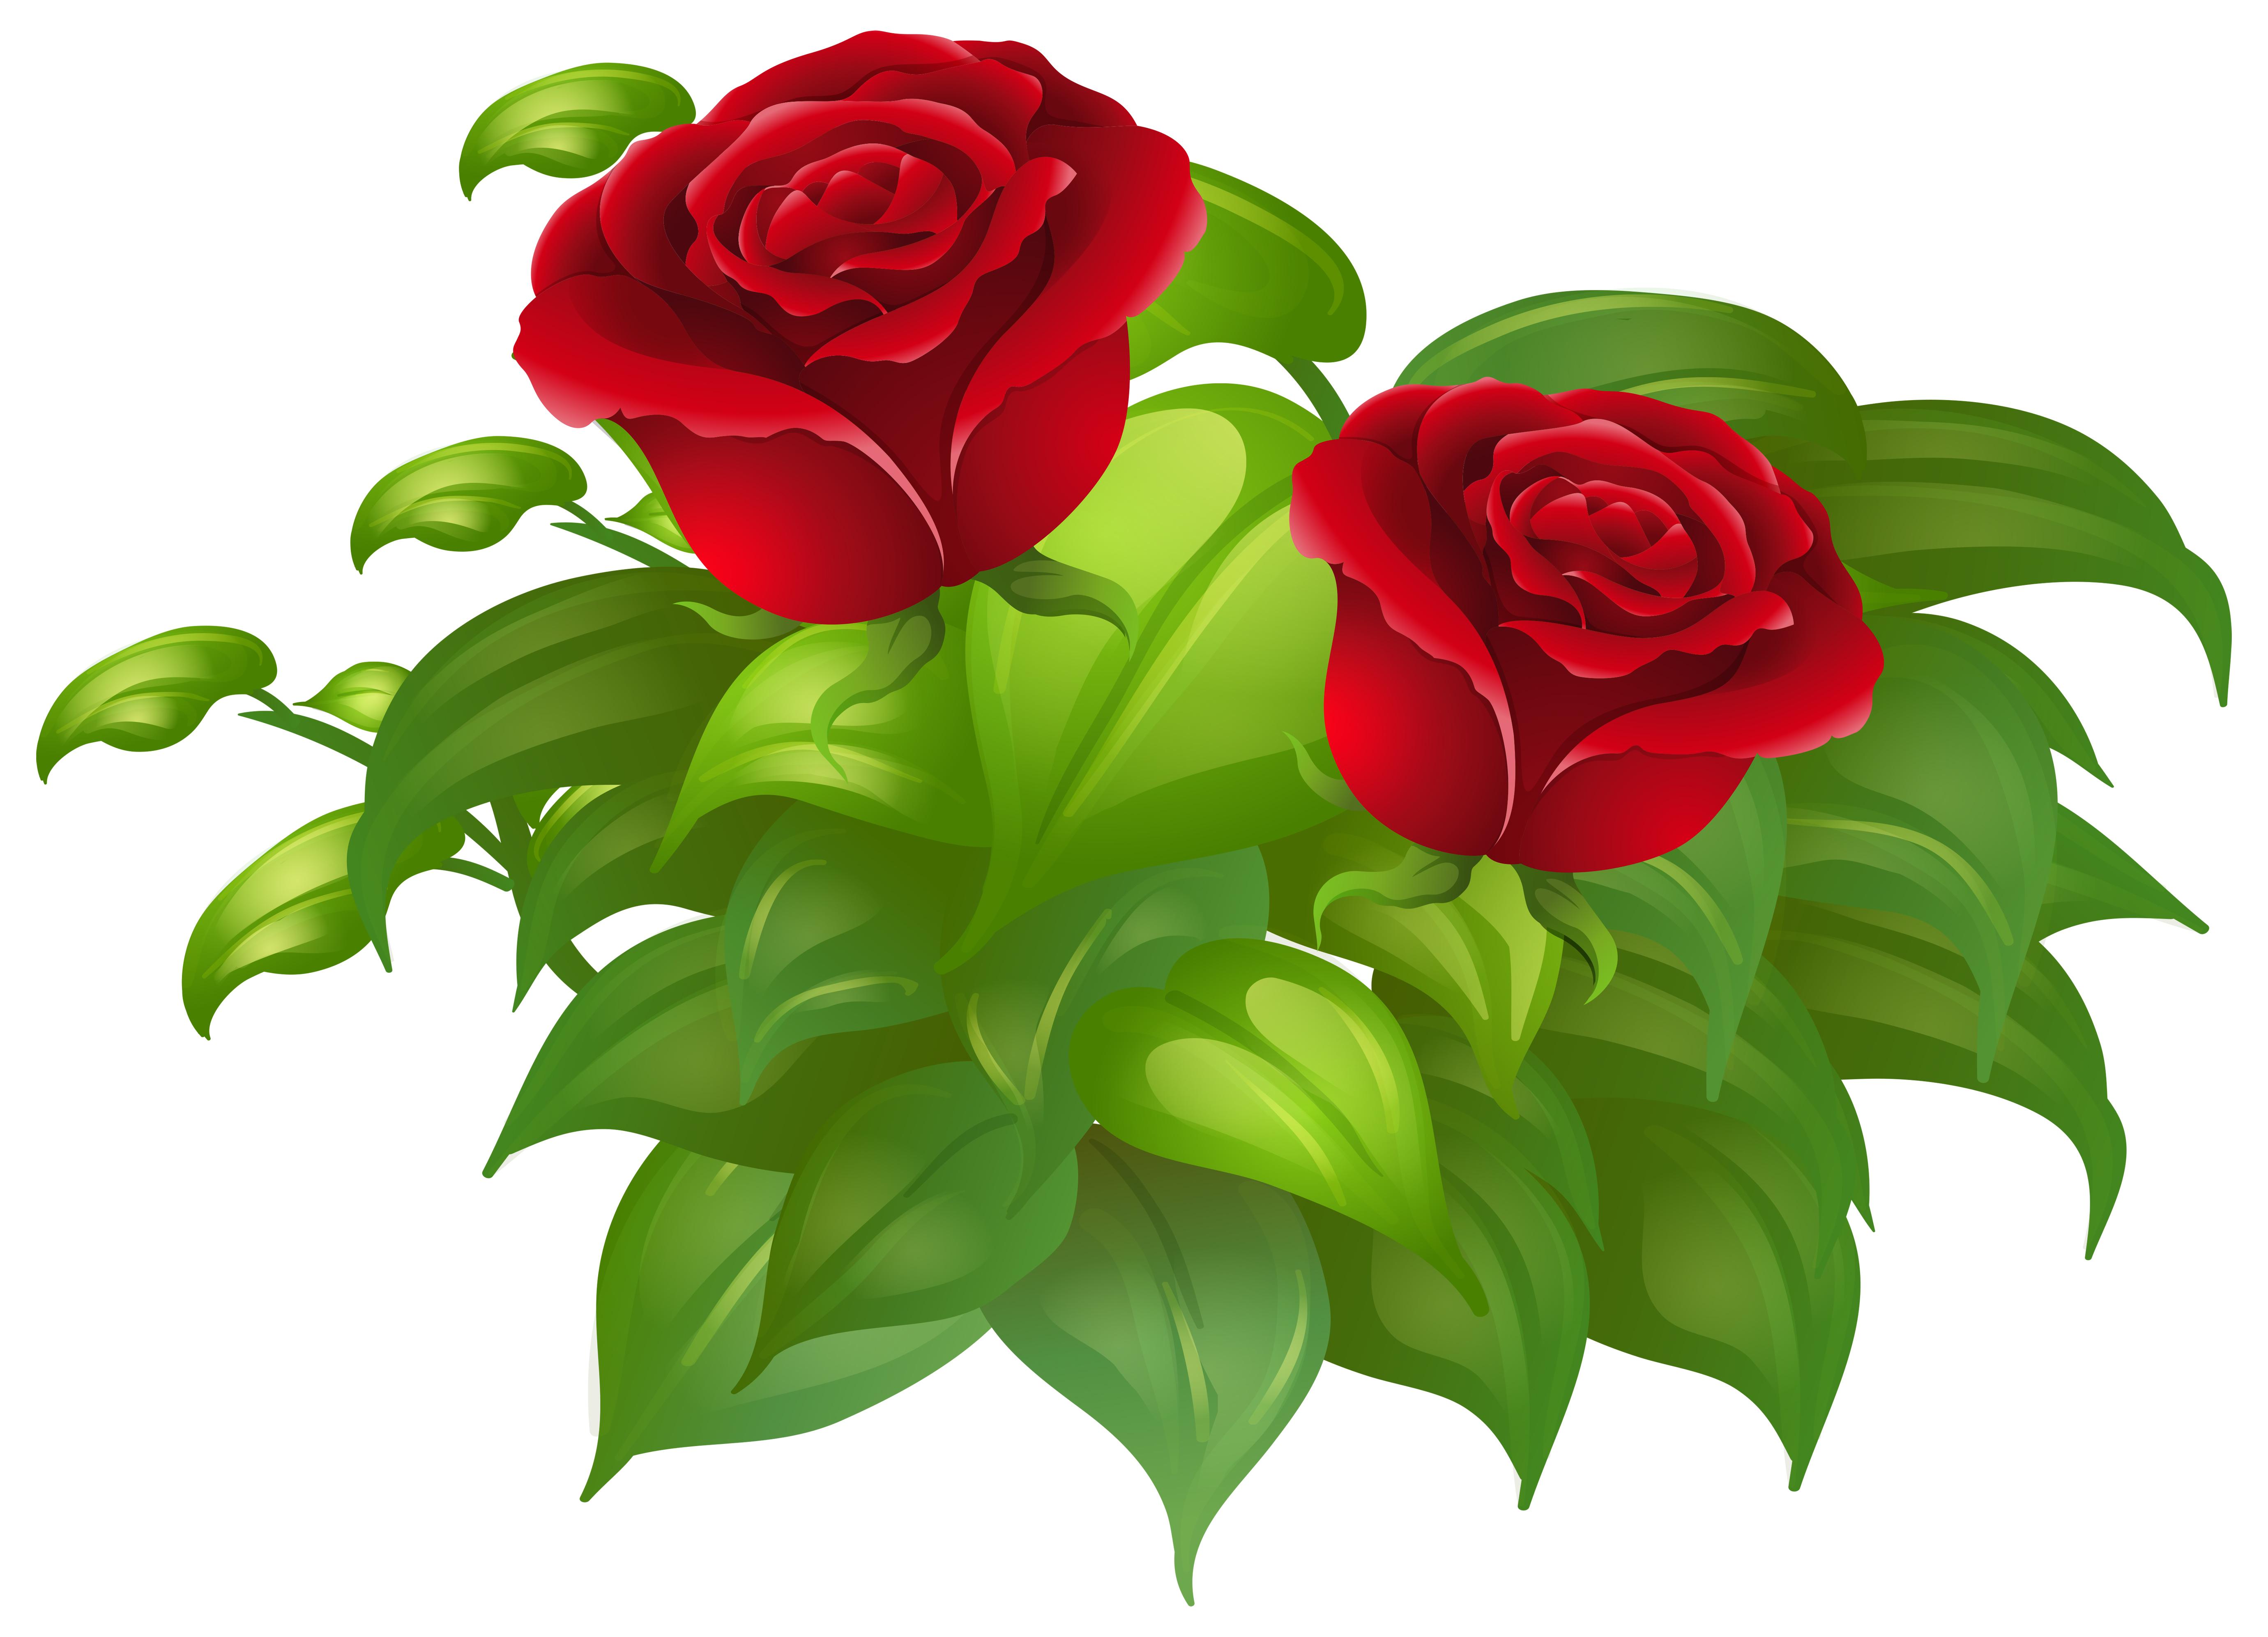 玫瑰素材 免費下載   天天瘋後製